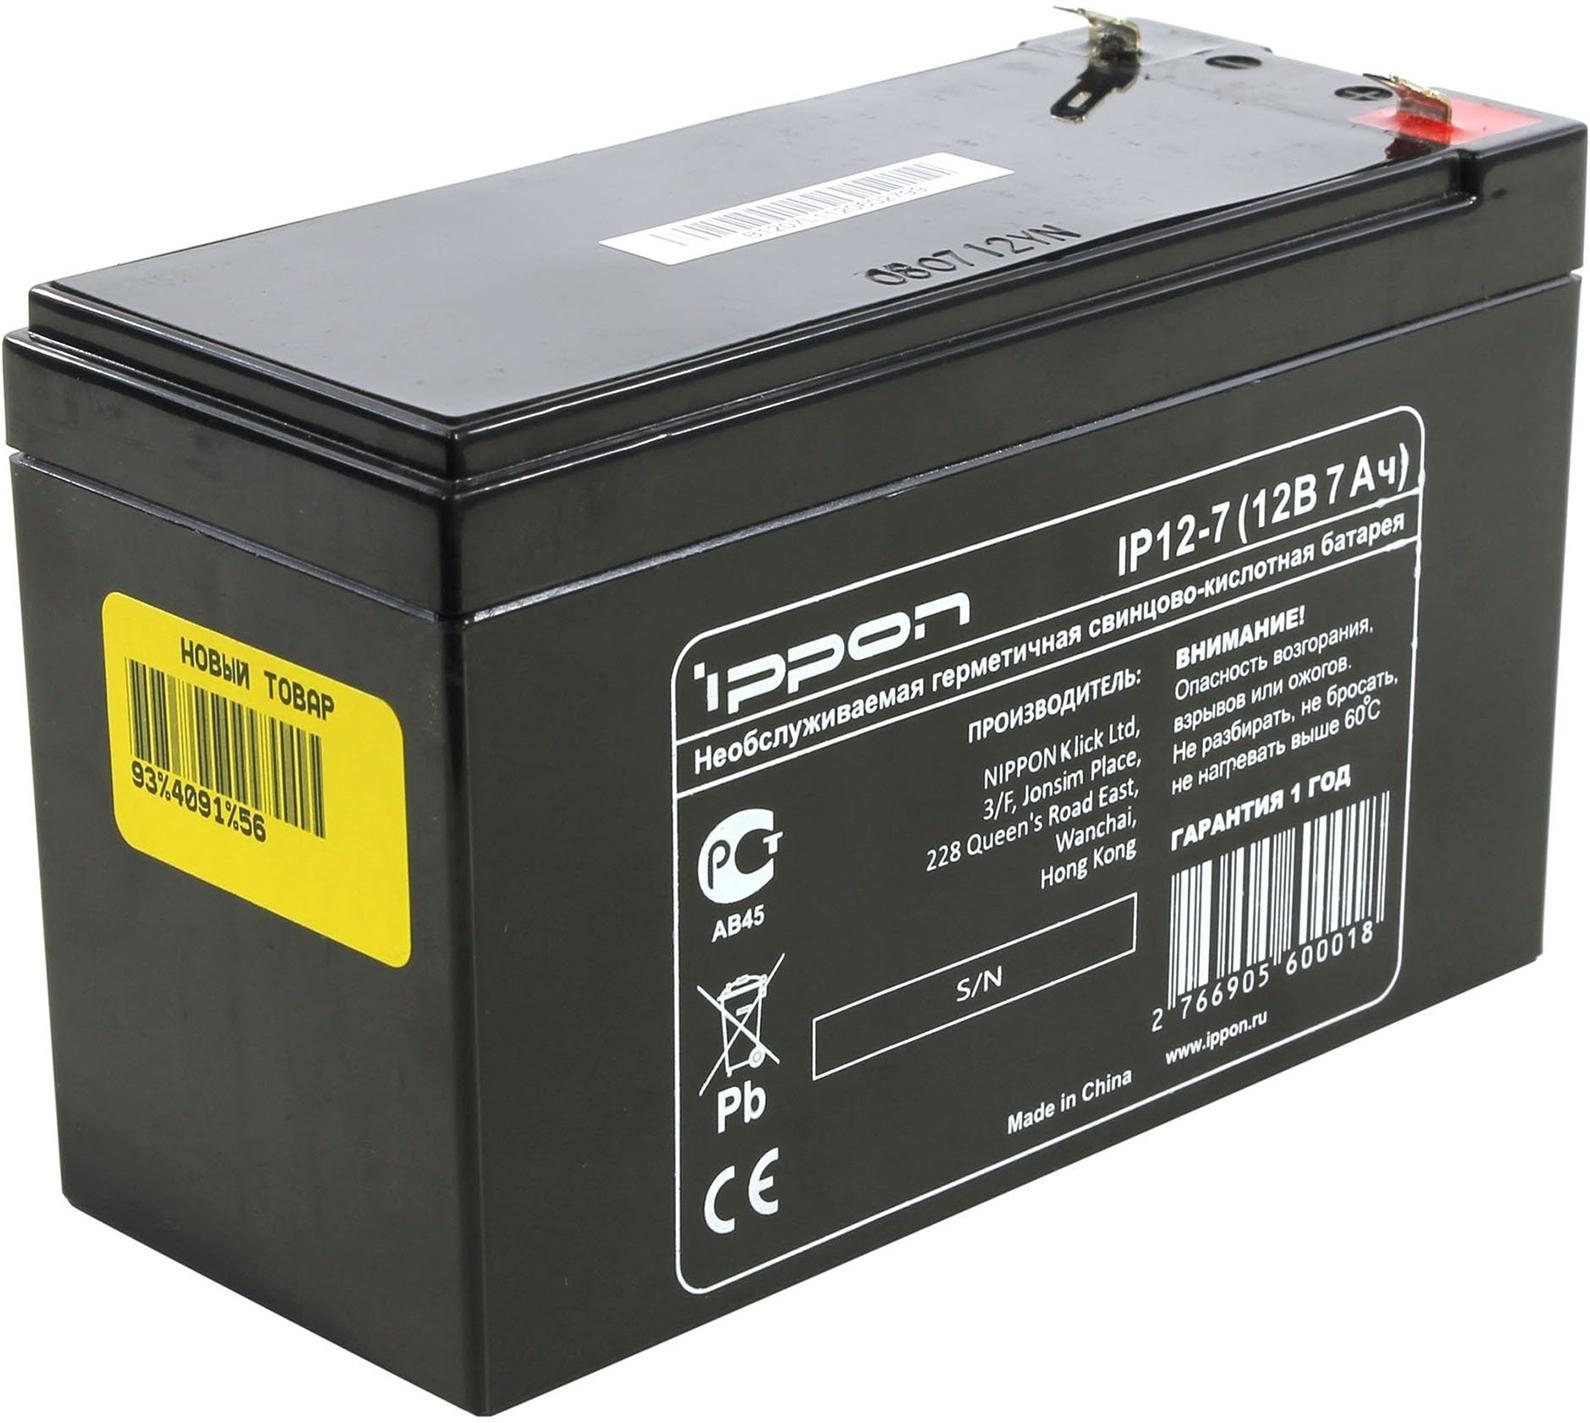 Батарея для ИБП Ippon IP12-7Ippon IP12-7Высокое качество и надежность – главные отличия аккумуляторных батарей IPPON. Они предназначены для обеспечения резервным питанием систем охраны и безопасности, телекоммуникационного оборудования, промышленных объектов широкого назначения, работы в источниках бесперебойного питания.